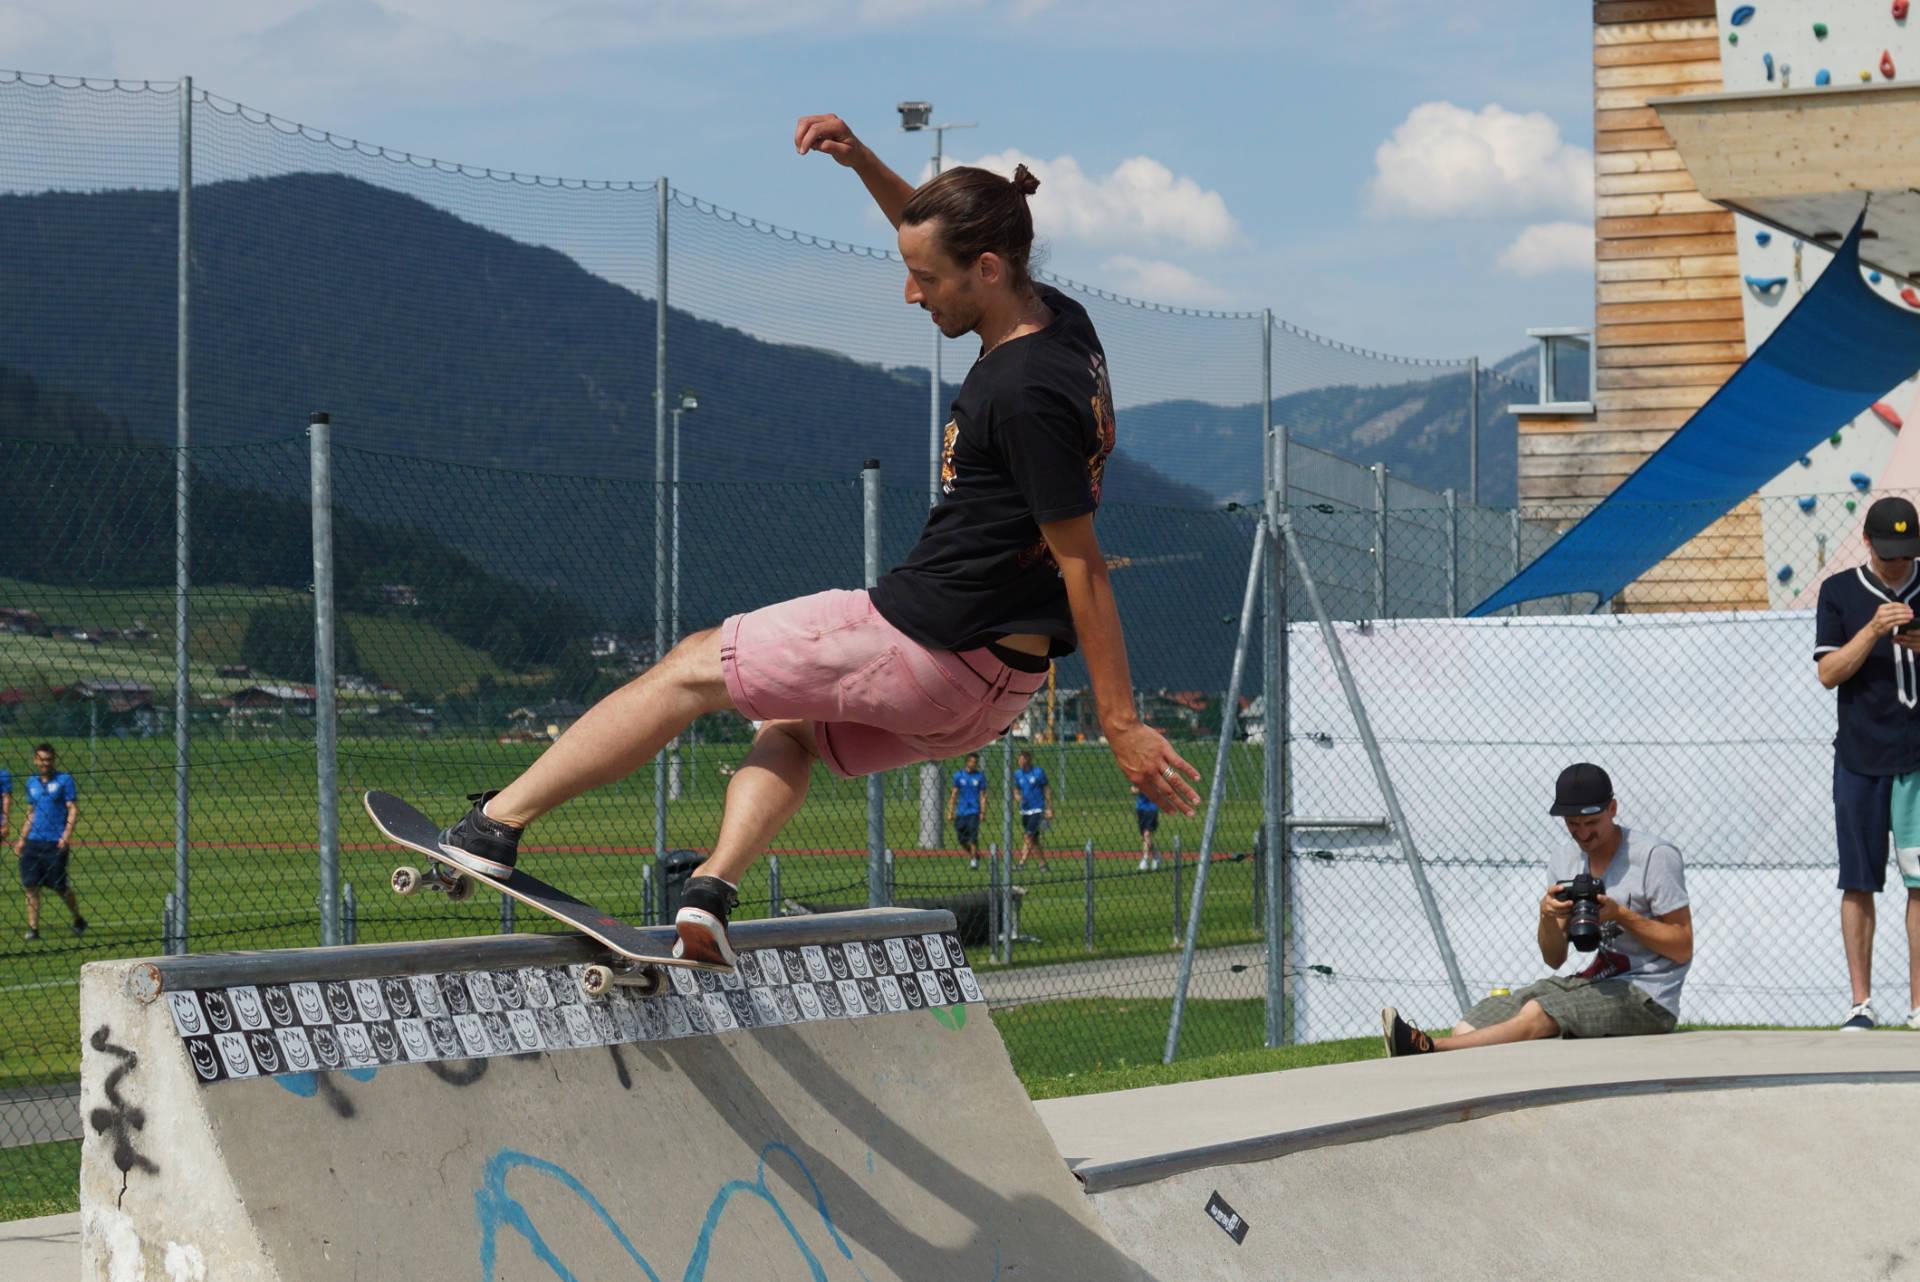 skateboardheadz st johann in tirol kgt 2019 finale 00049